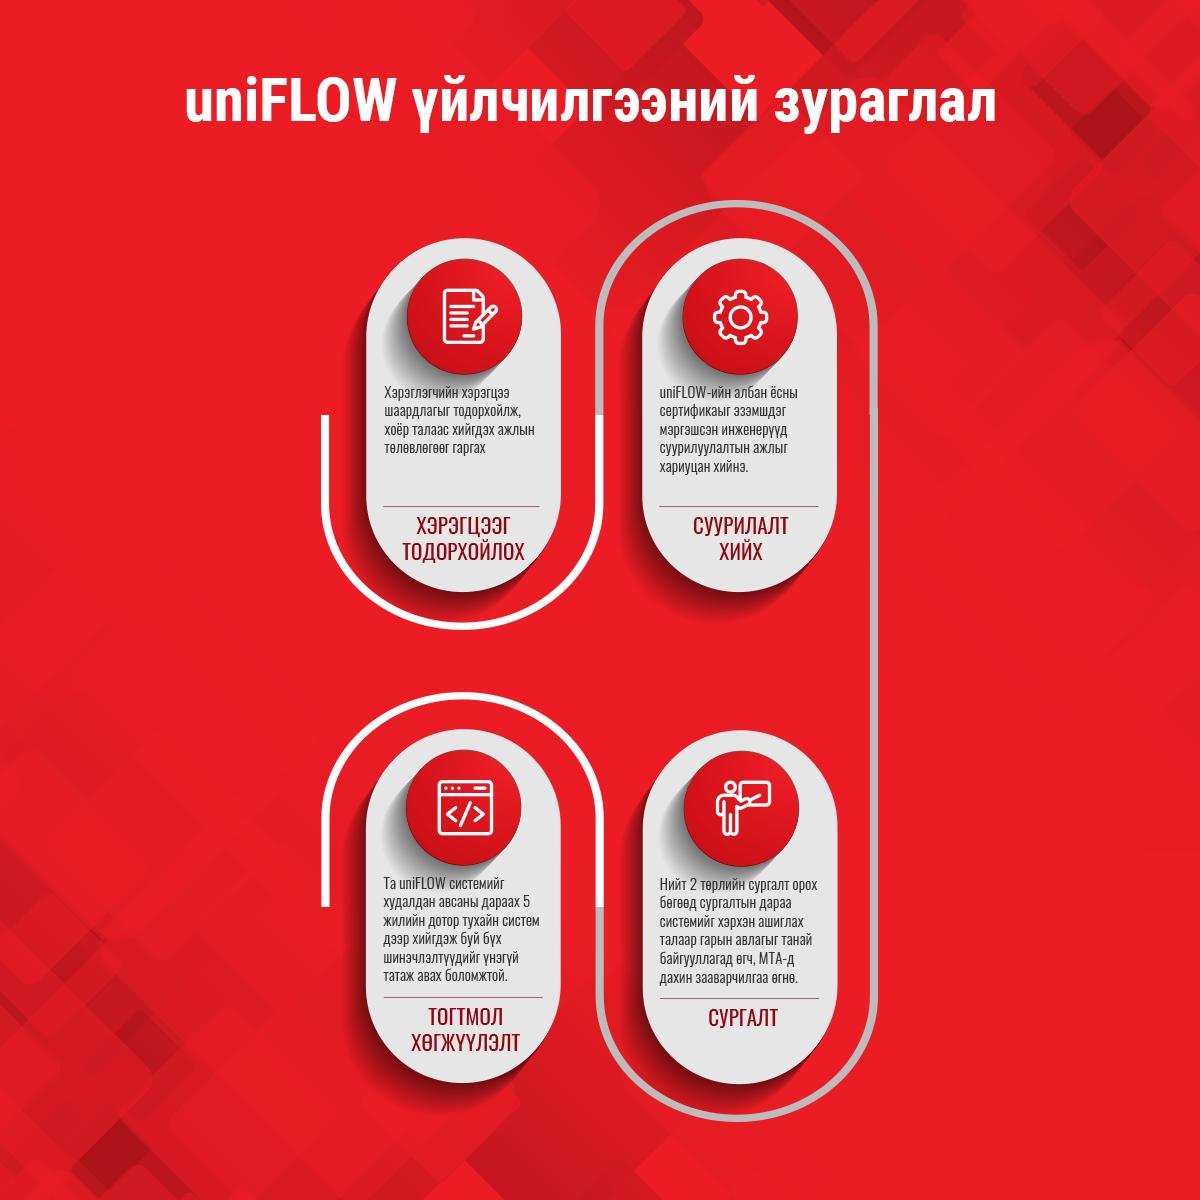 uniFLOW үйлчилгээний зураглал mobile